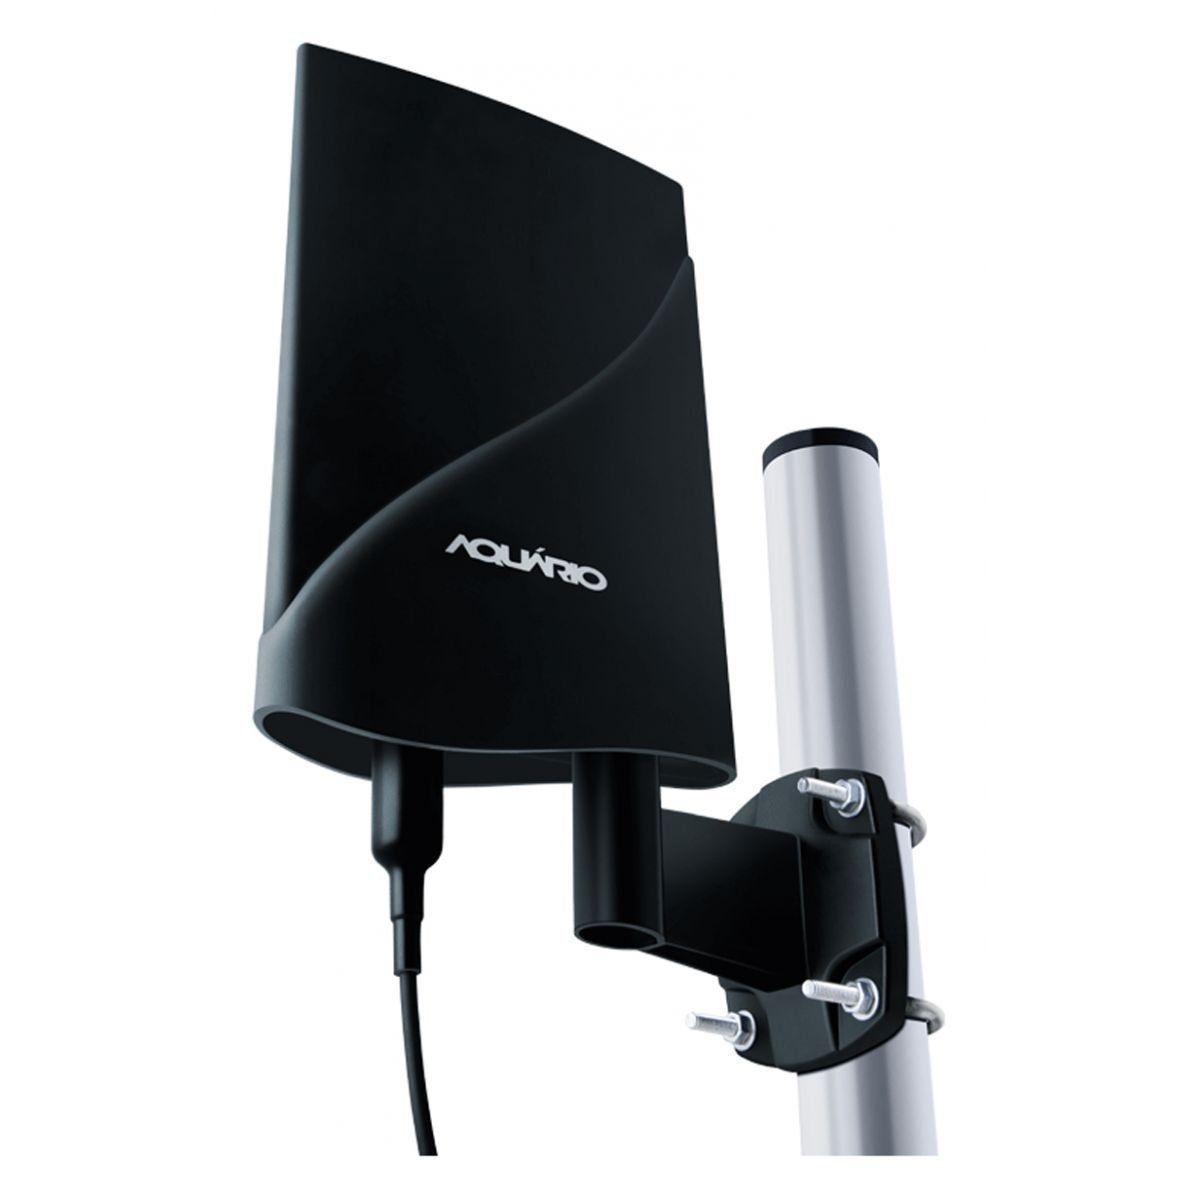 Antena externa para TV Uhf VHf Hdtv DTV 5600 Aquário  - EMPORIO K